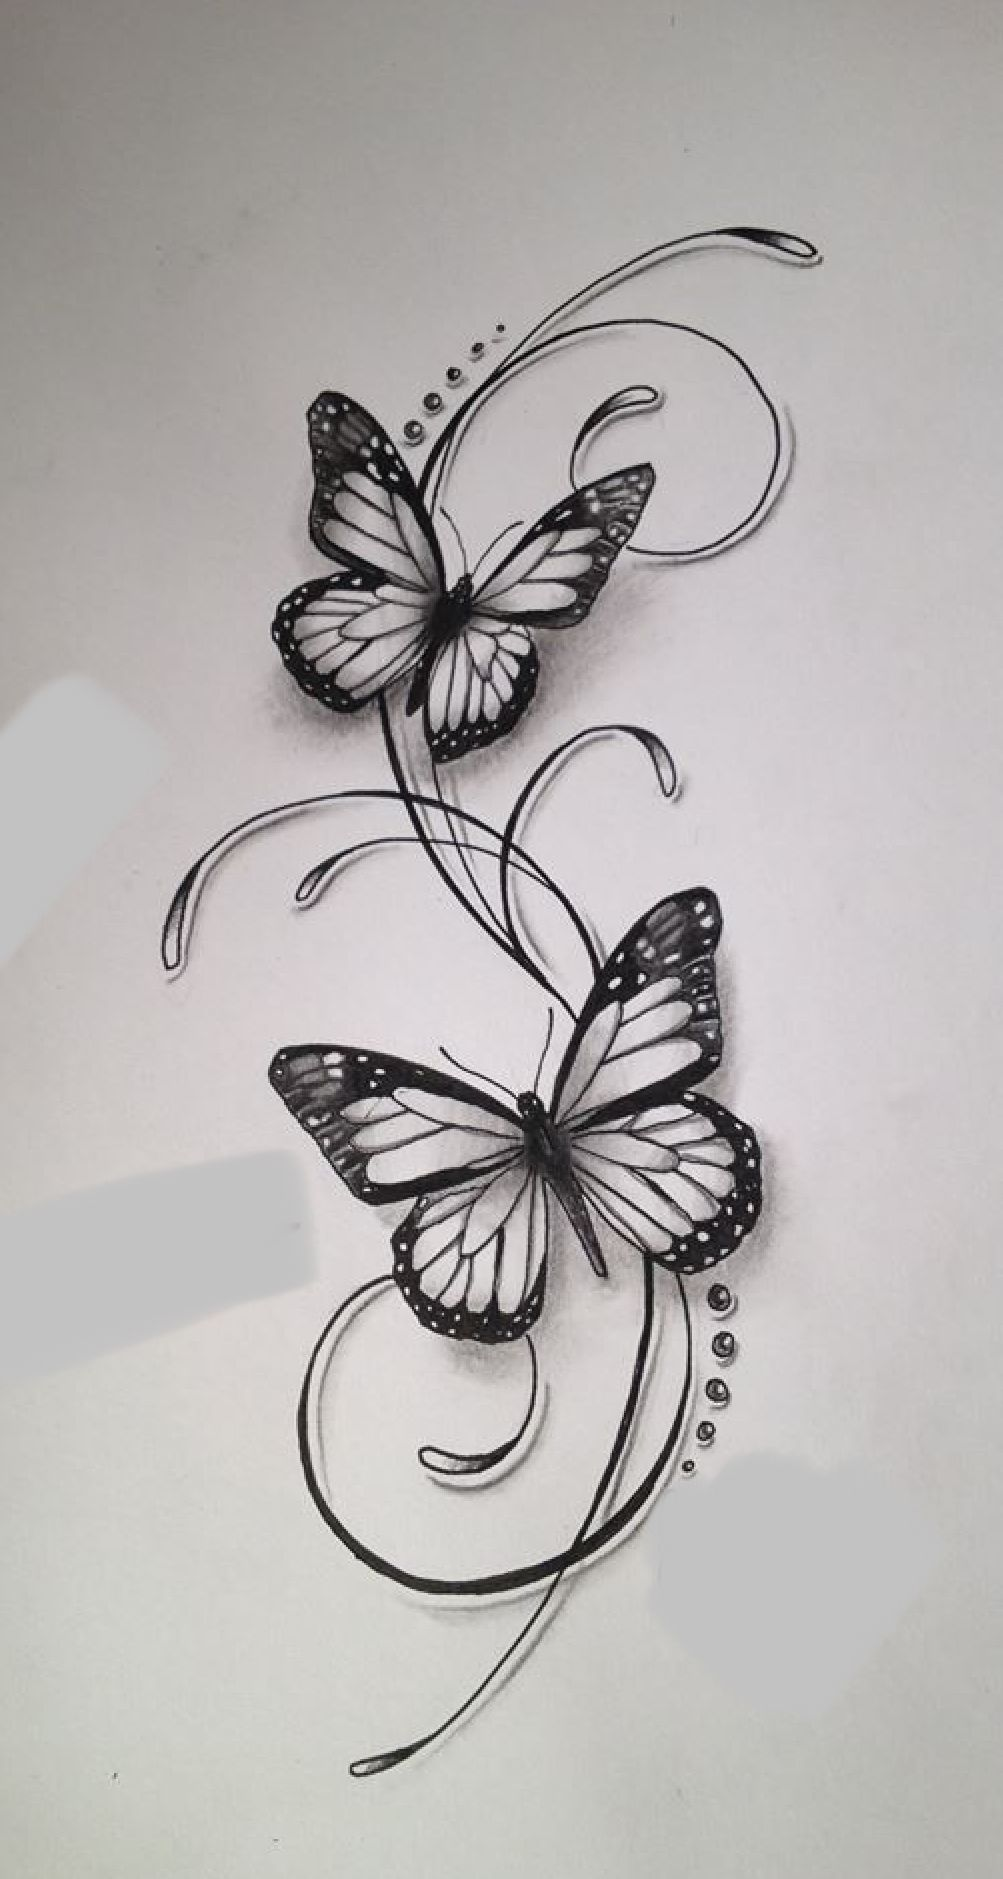 Schmetterlinge | Butterfly tattoo designs, Flower tattoo ...